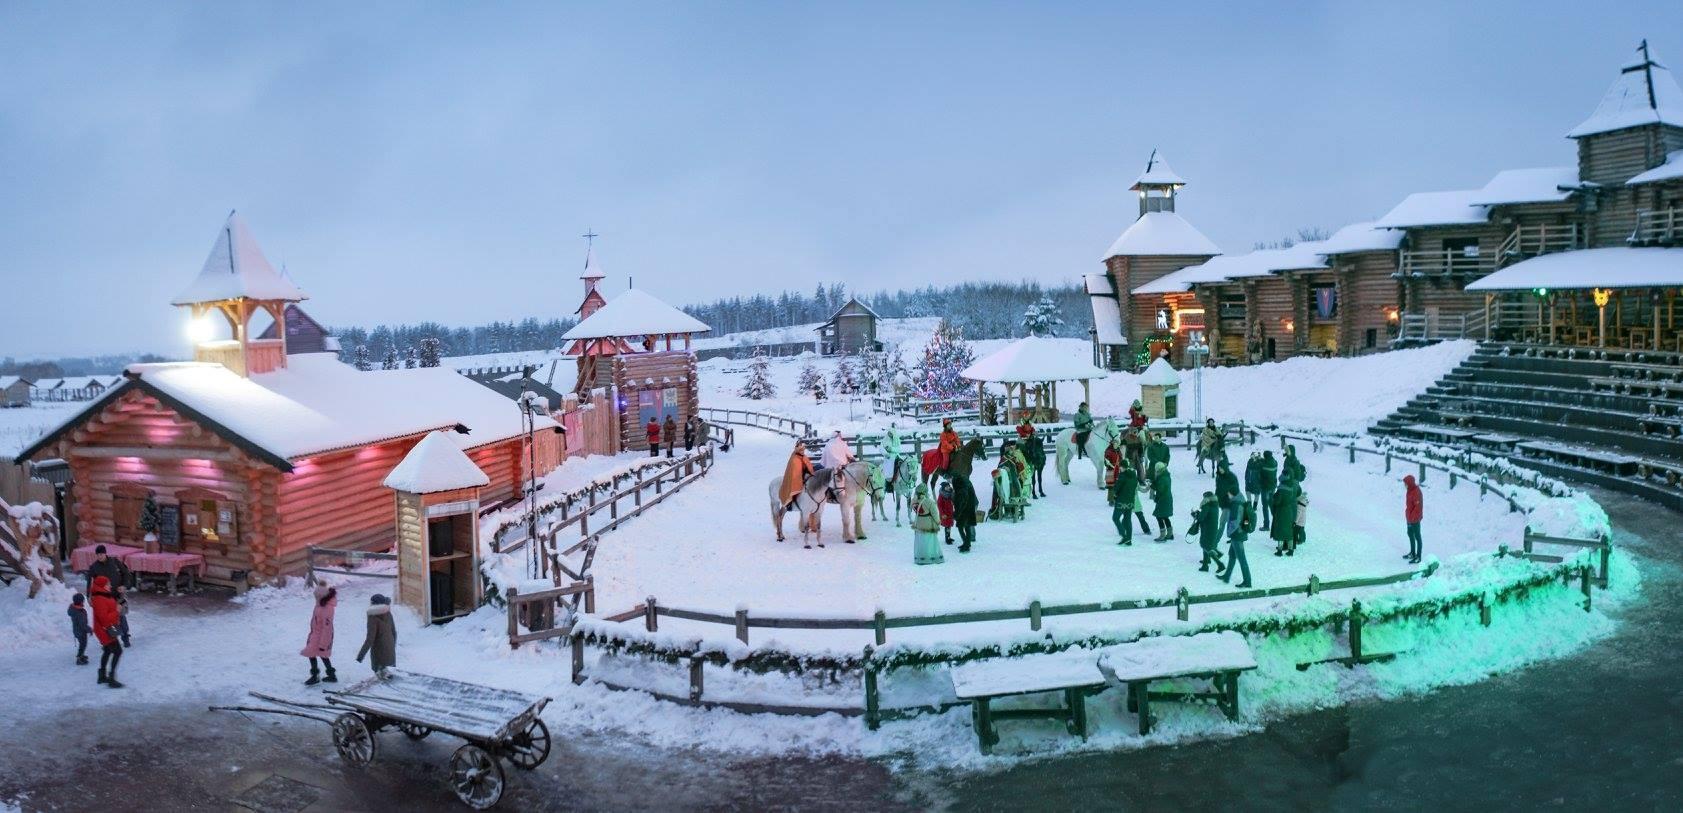 Куда пойти в Киеве на День Святого Николая: интересные события на 19 декабря - фото №3